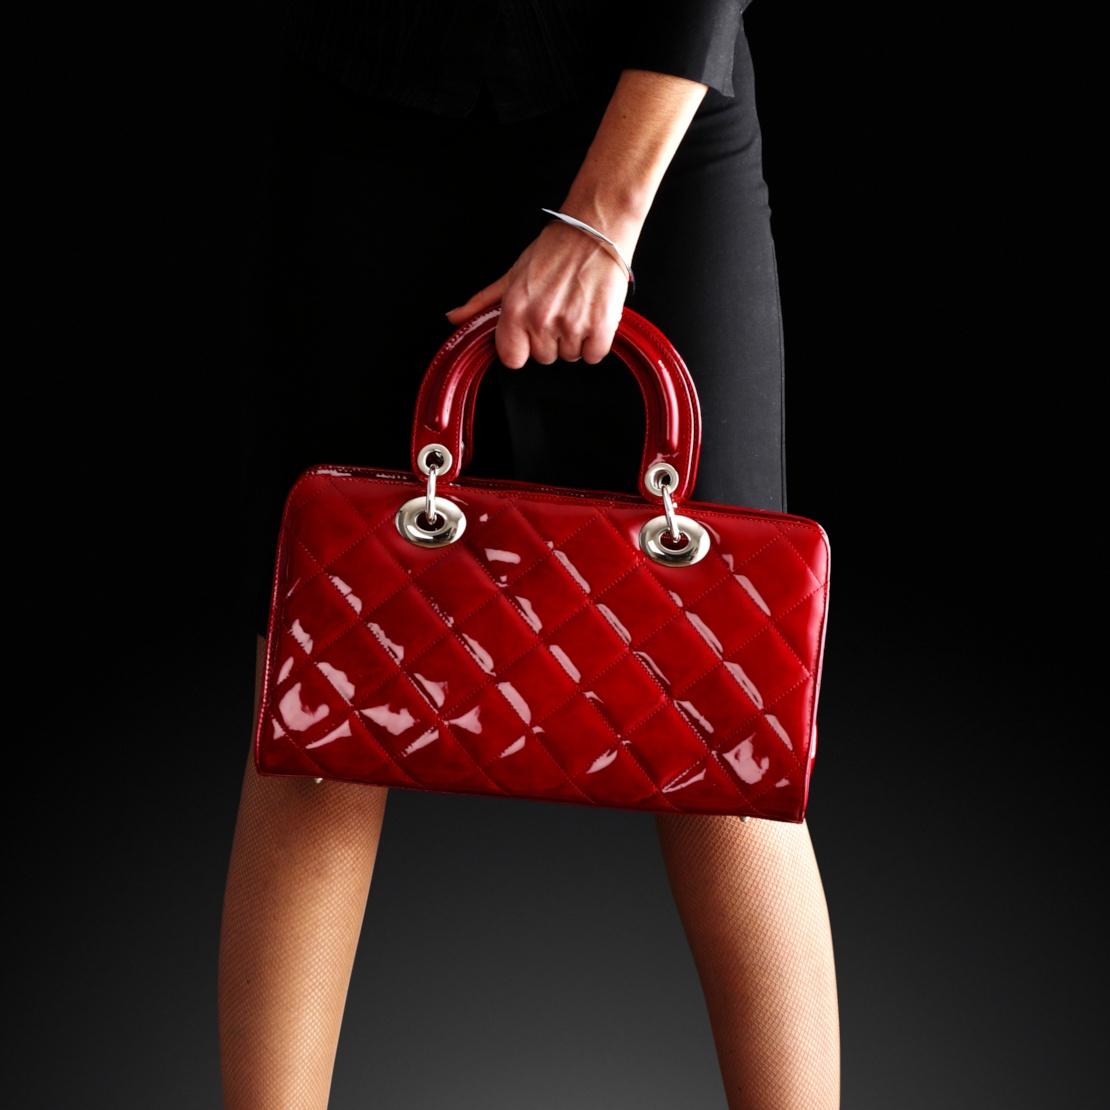 Soldes d'été 2019 : sacs de luxe